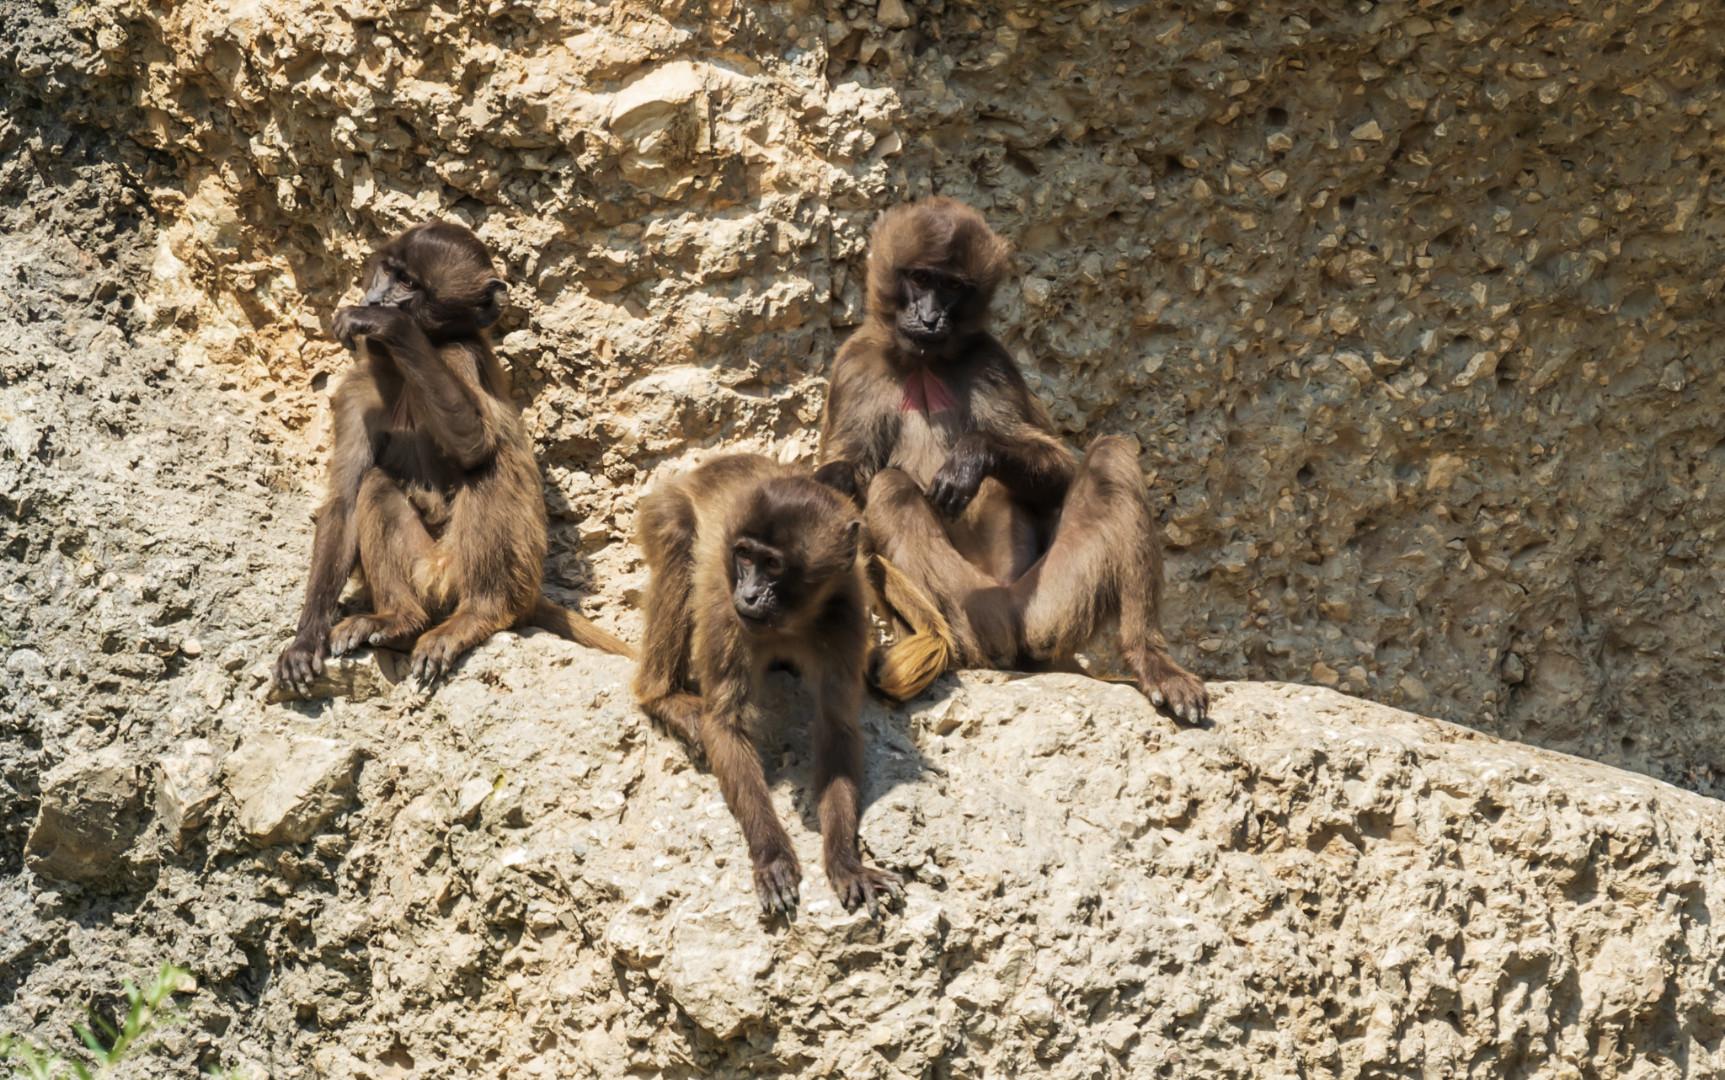 Affen gemütliches Beisammensein